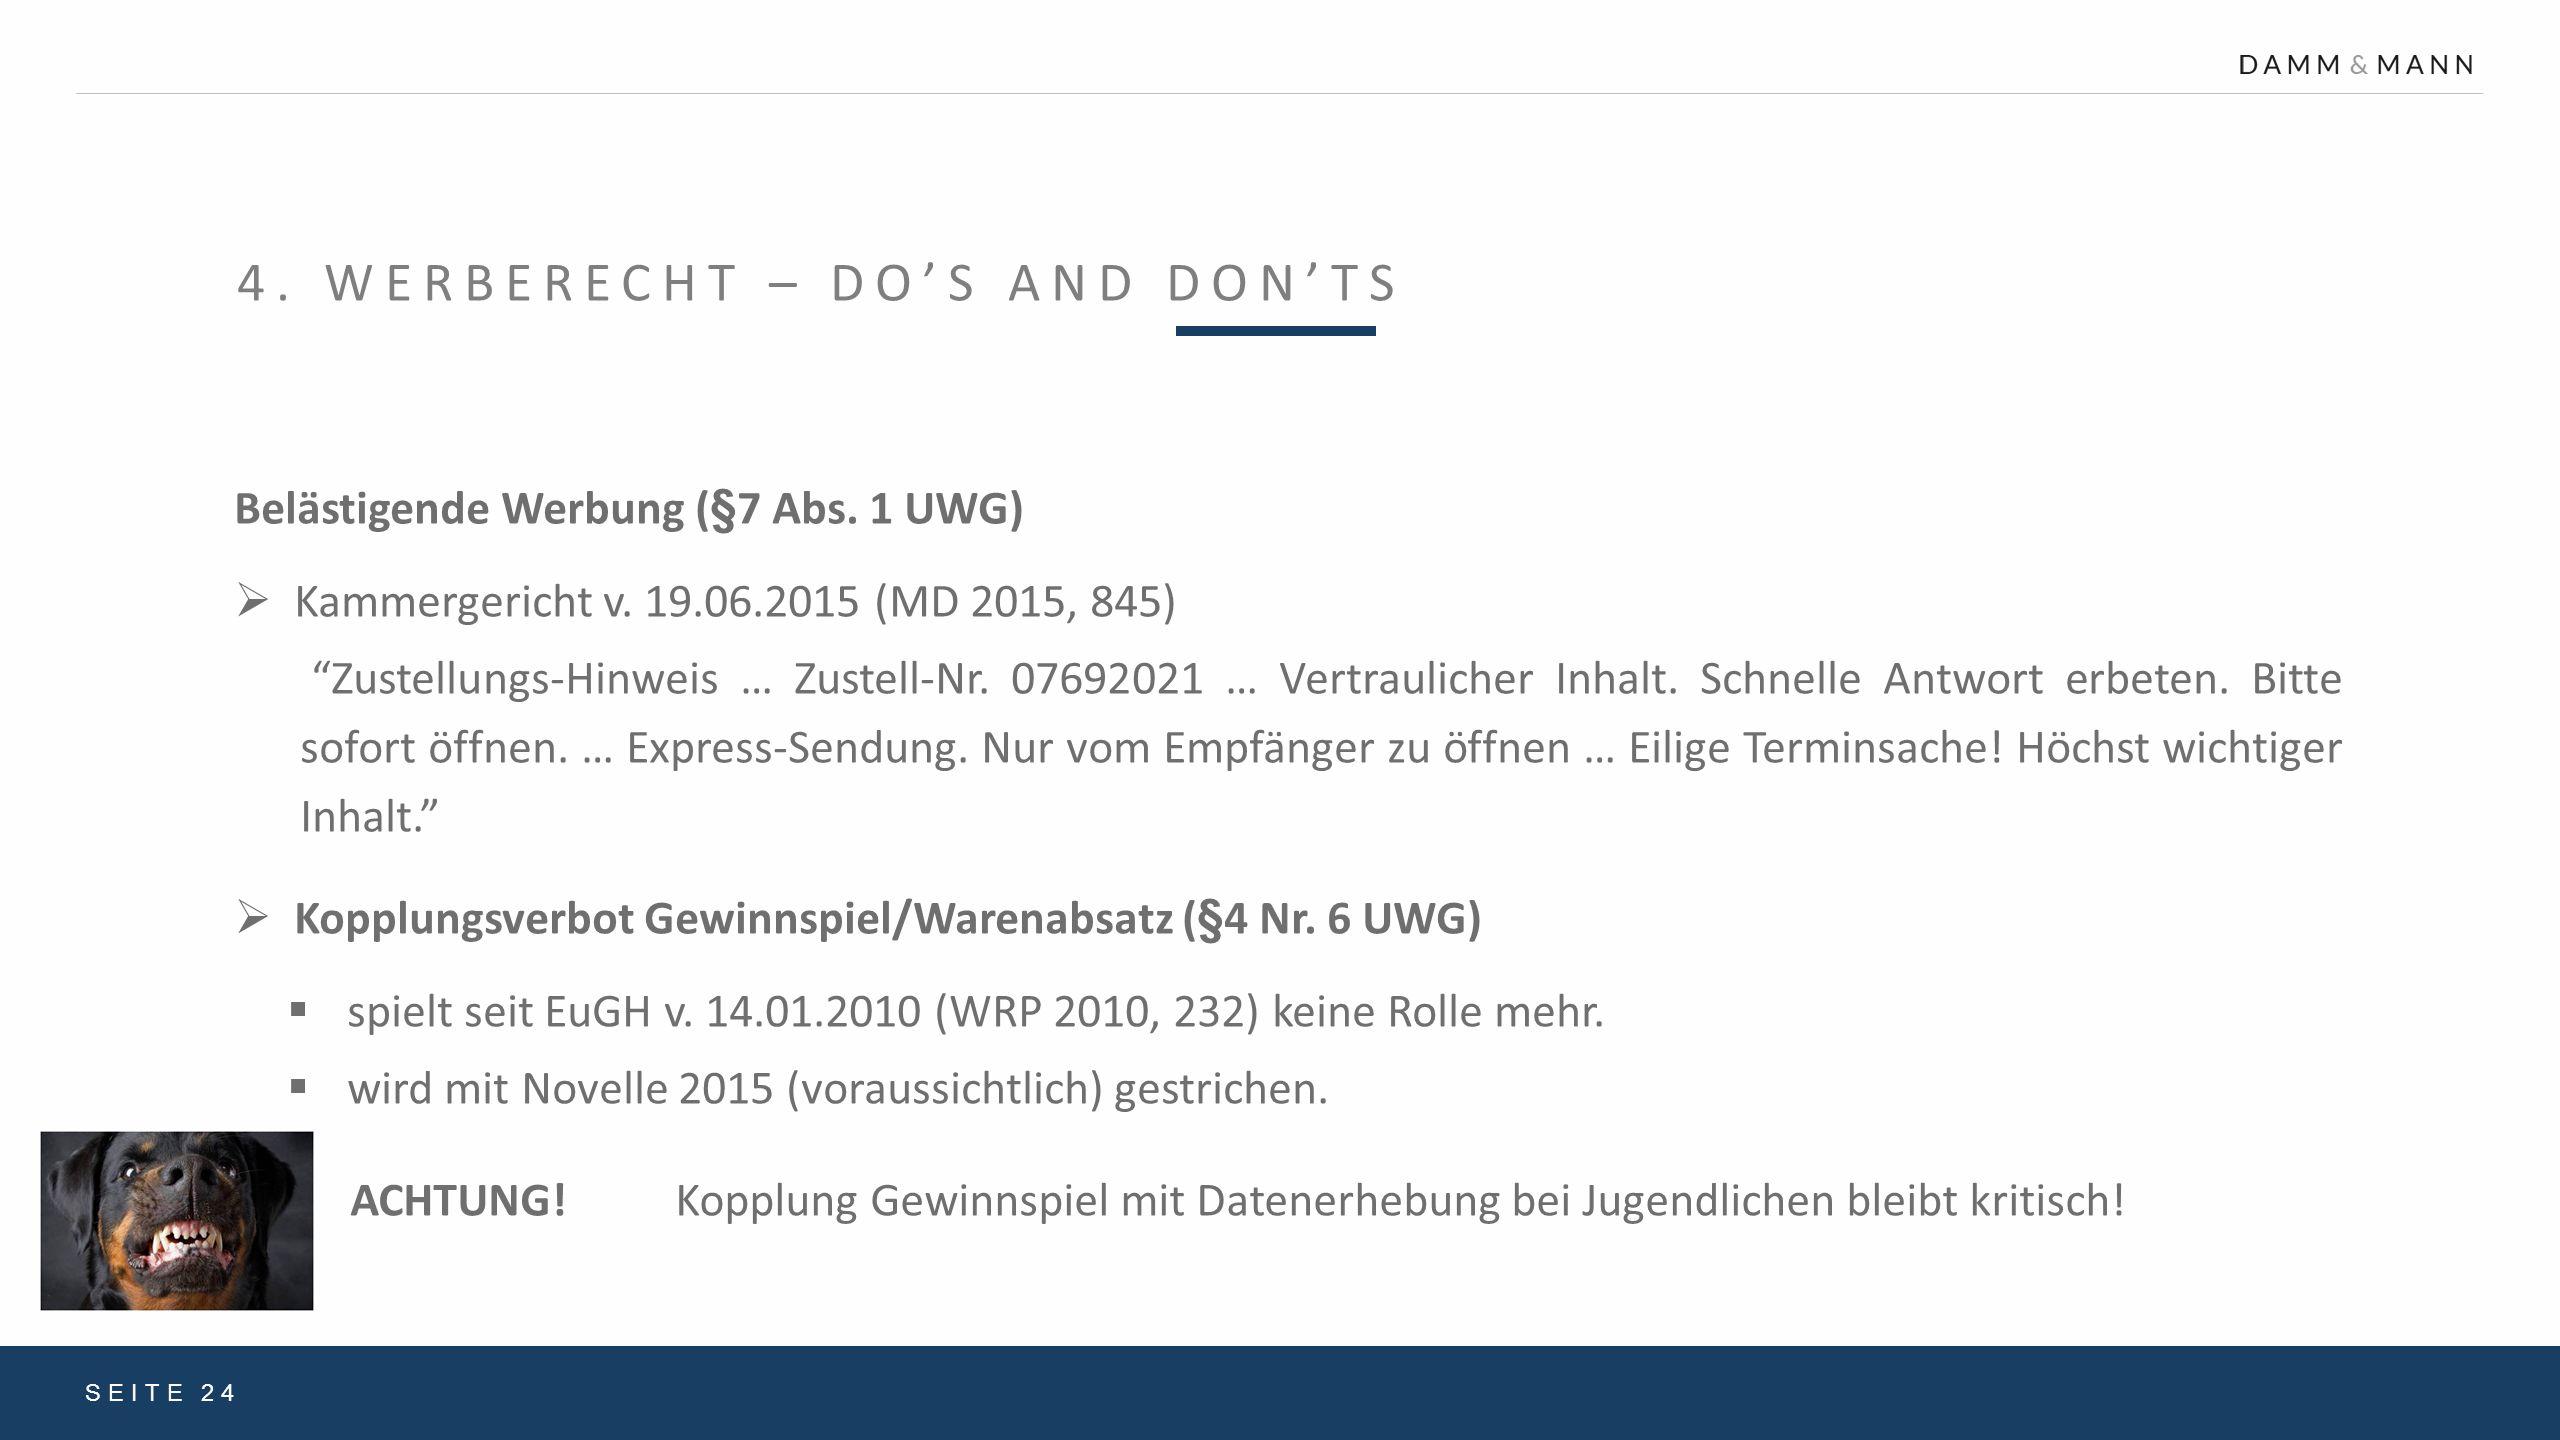 """4. WERBERECHT – DO'S AND DON'TS SEITE 24 Belästigende Werbung (§7 Abs. 1 UWG)  Kammergericht v. 19.06.2015 (MD 2015, 845) """"Zustellungs-Hinweis … Zust"""